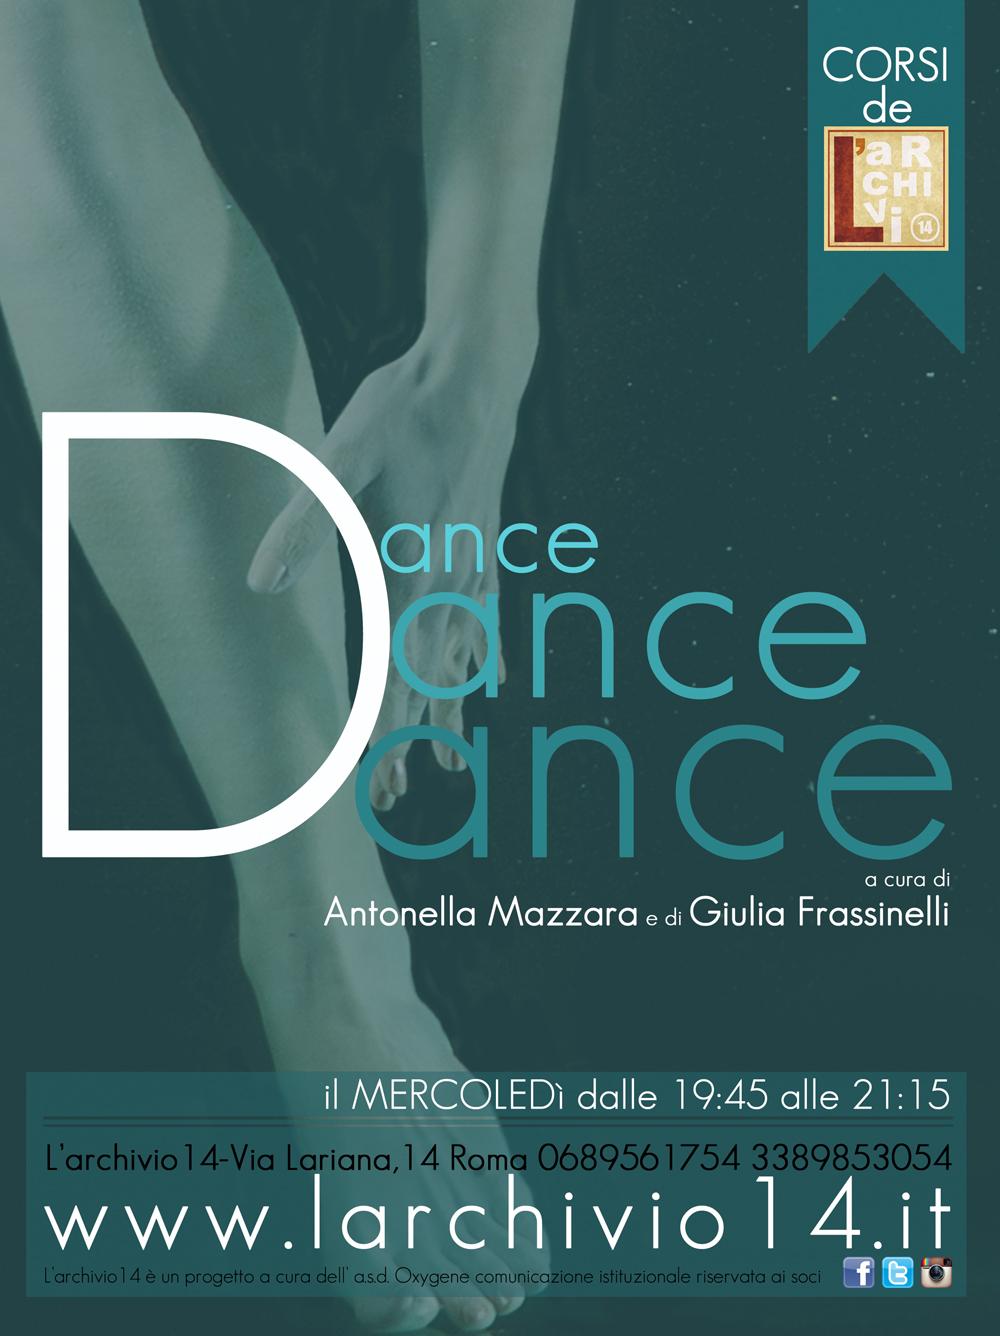 Corso Dance Dance  mercoledì dalle 19:45